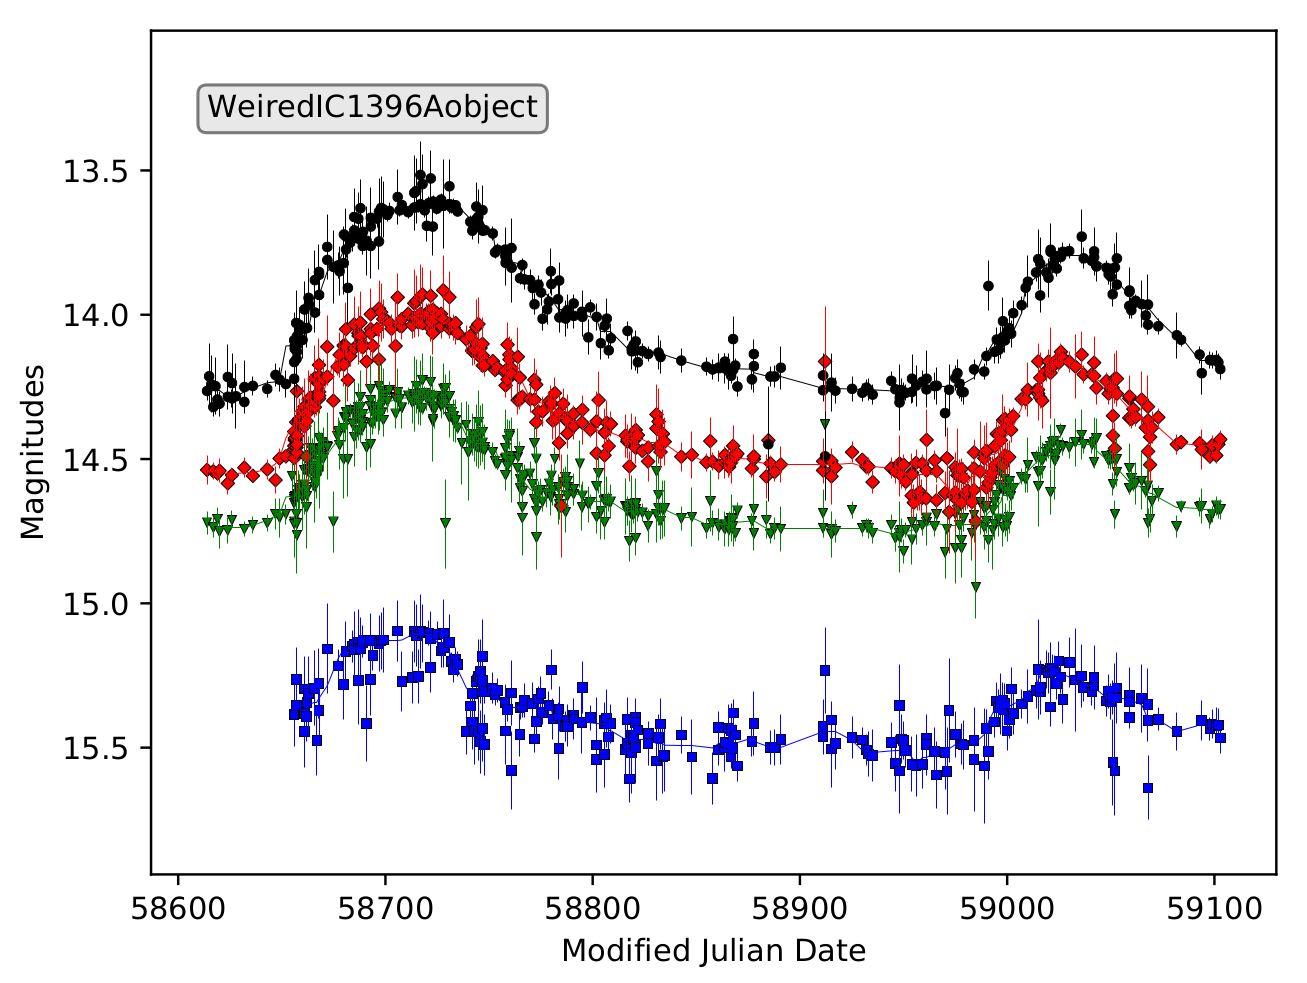 HOYS light curve of 2MASS 21383981+5708470